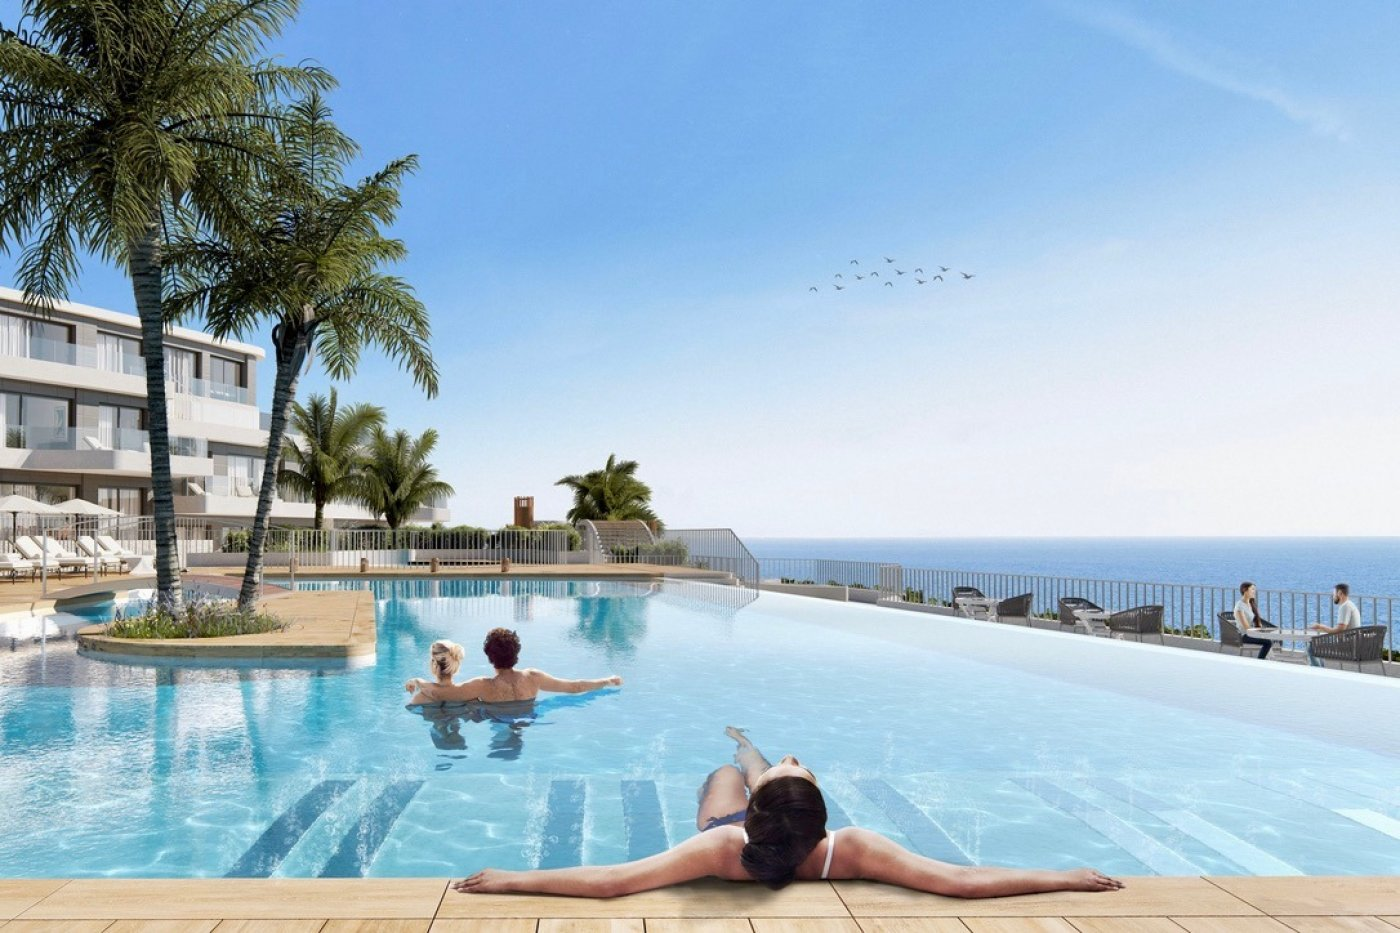 Galleribillede 11 of Uovertruffen panorama udsigt - 3 værelses luksus lejlighed med 2 badeværelser